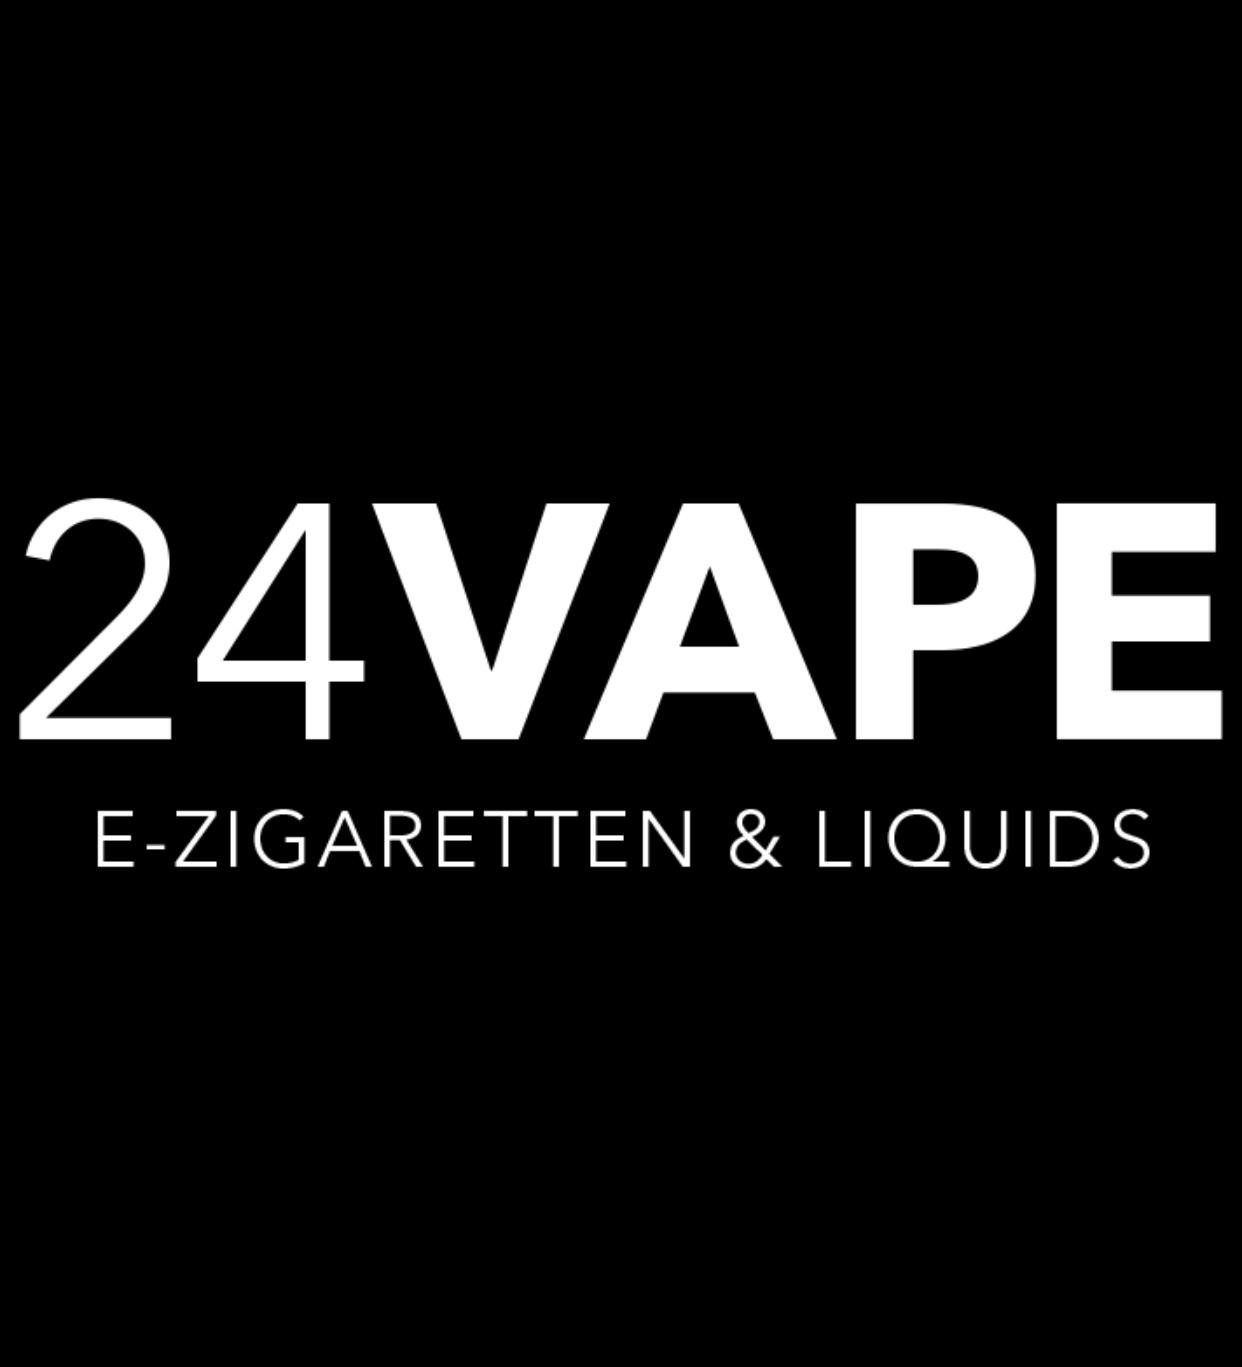 24VAPE